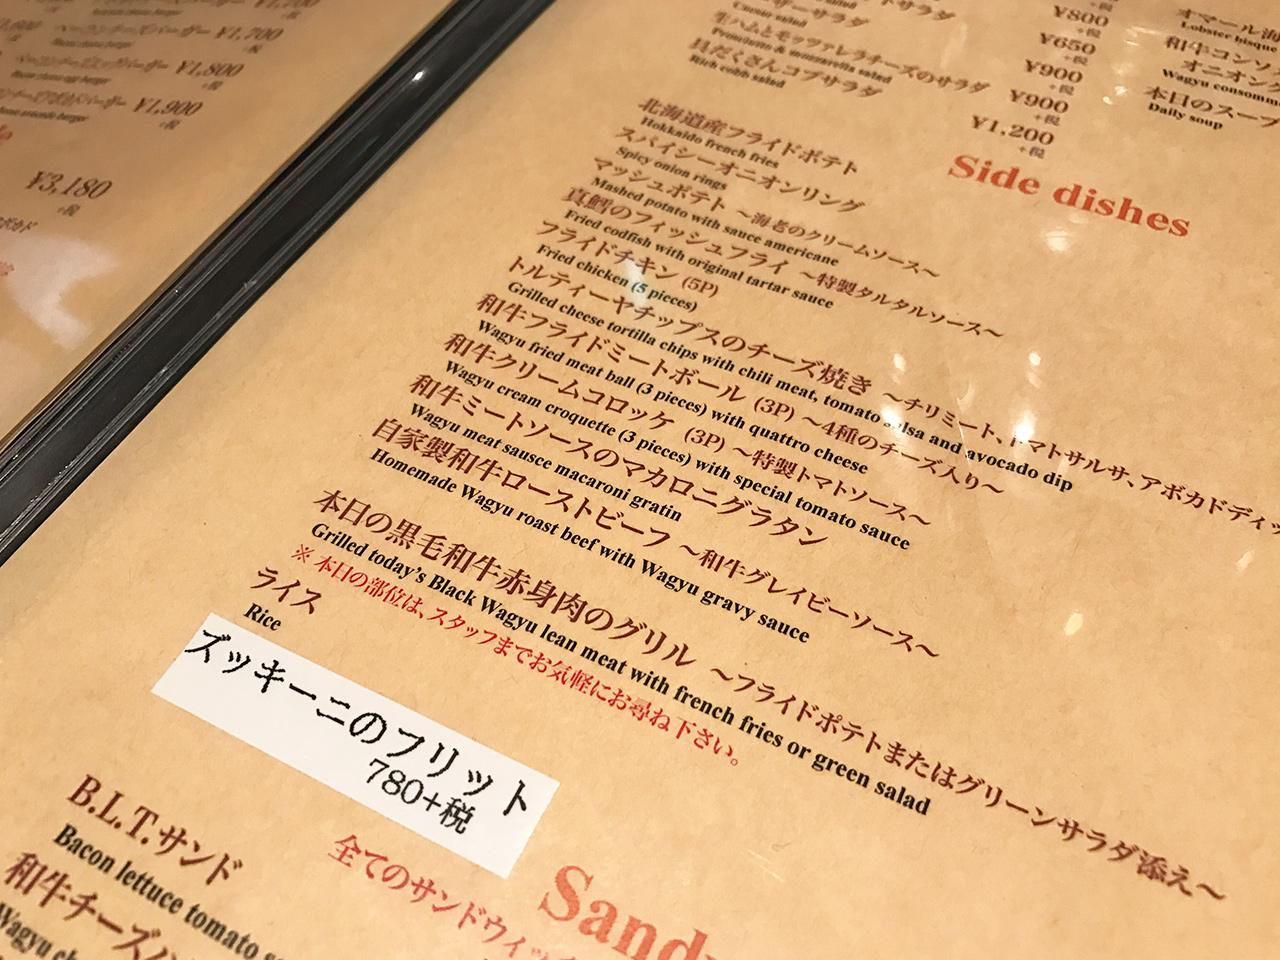 恵比寿「ブラッカウズ」のサイドメニュー